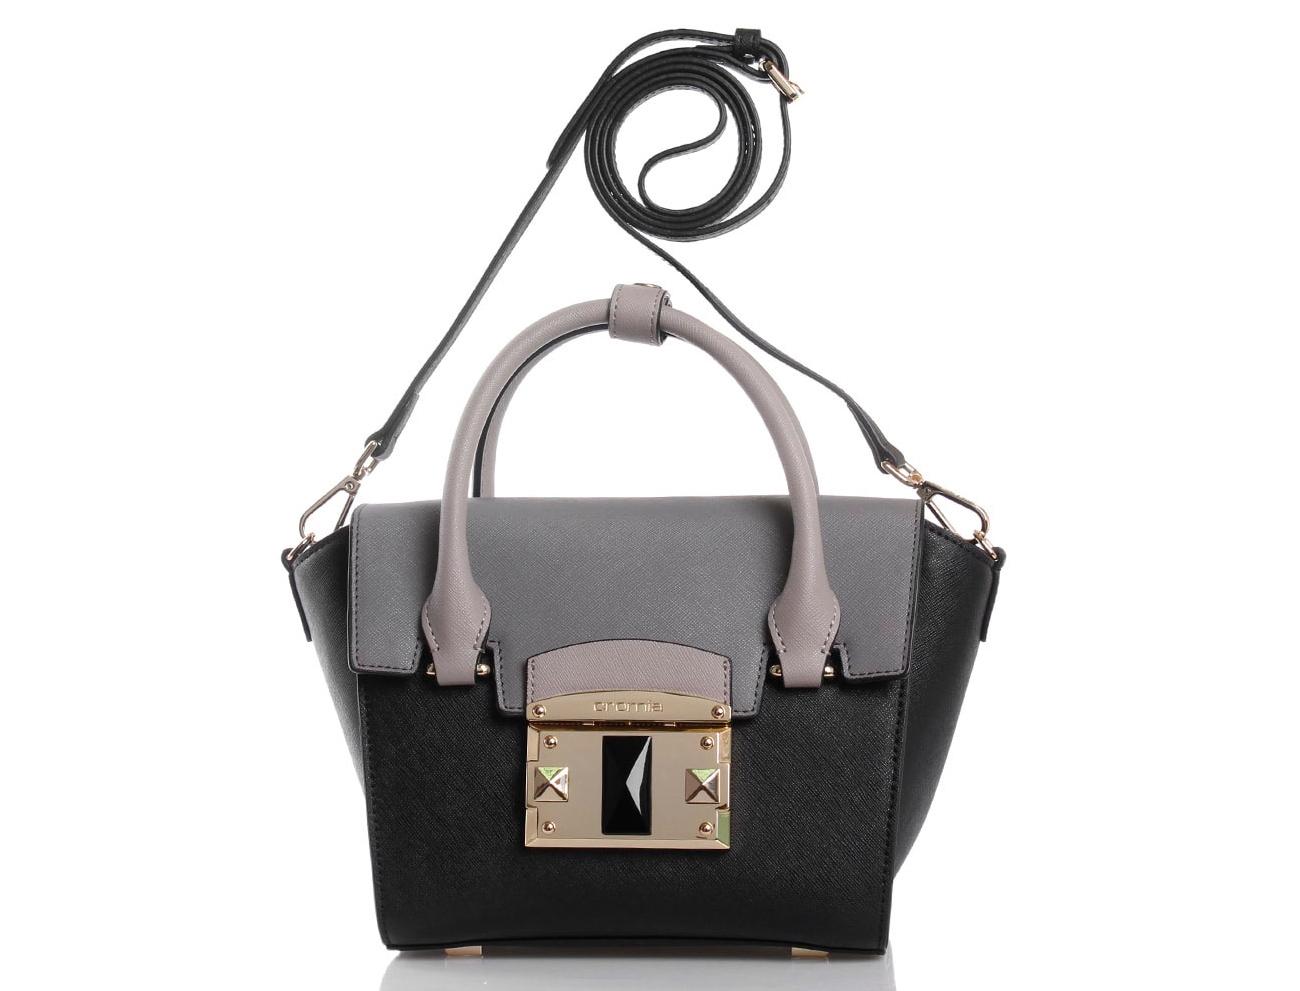 Женская сумка через плечо Cromia - твой must have в этом сезоне